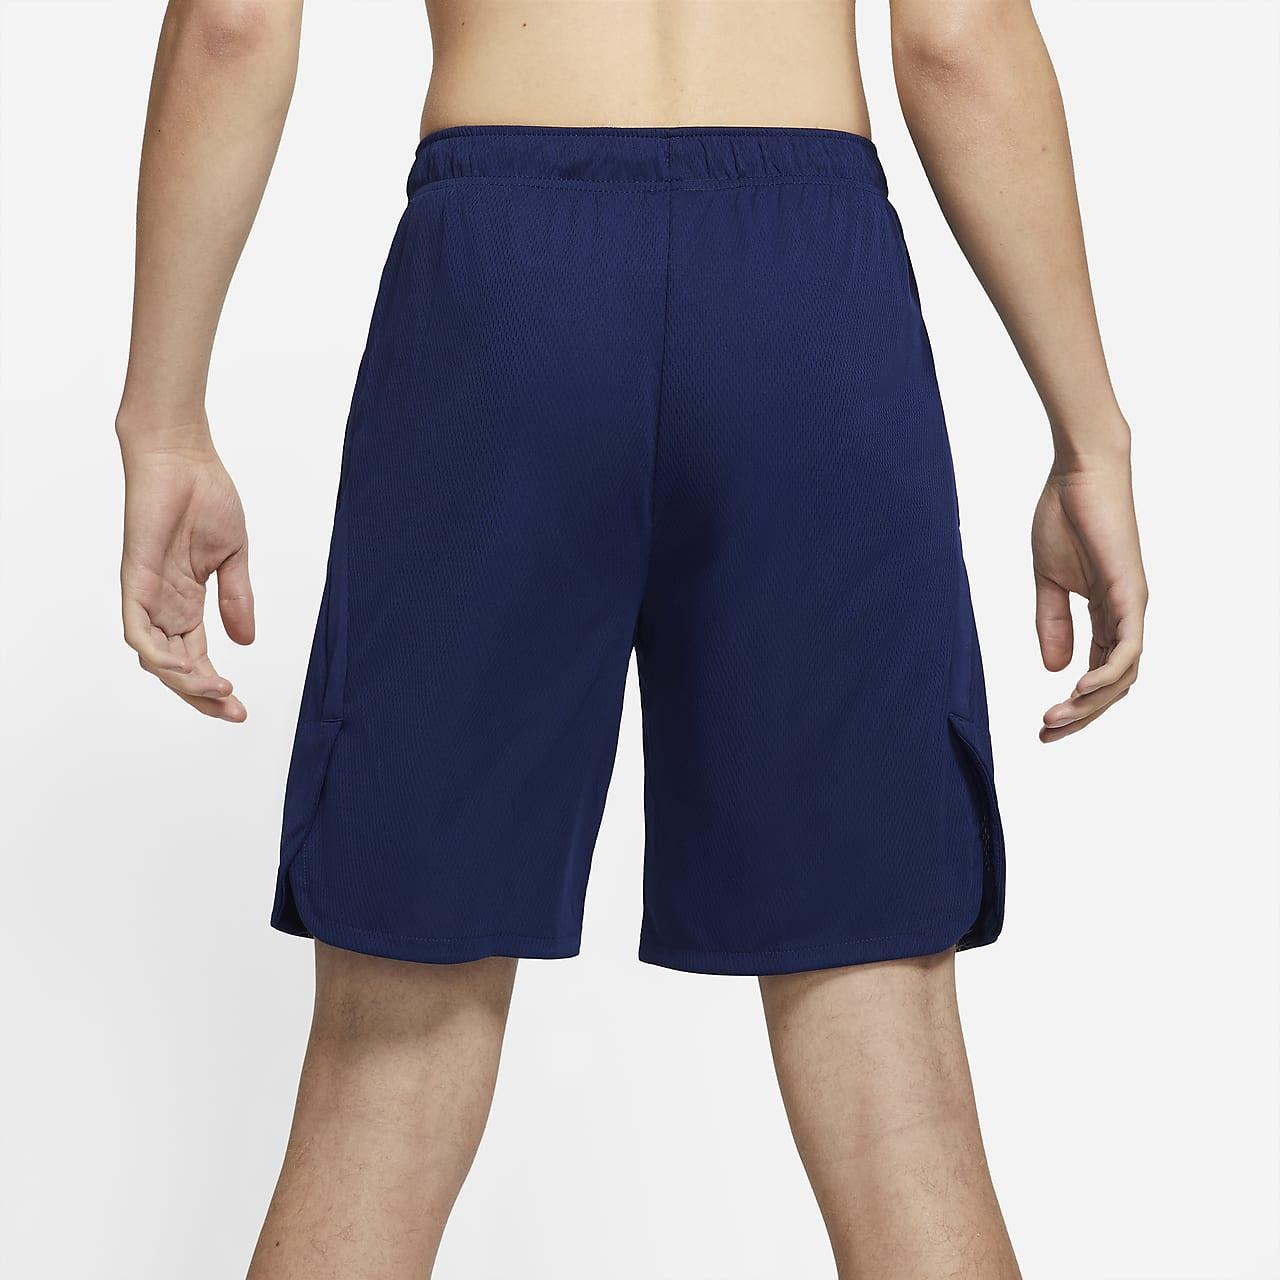 Nike Dri-FIT Men's Training Shorts CN9766-492